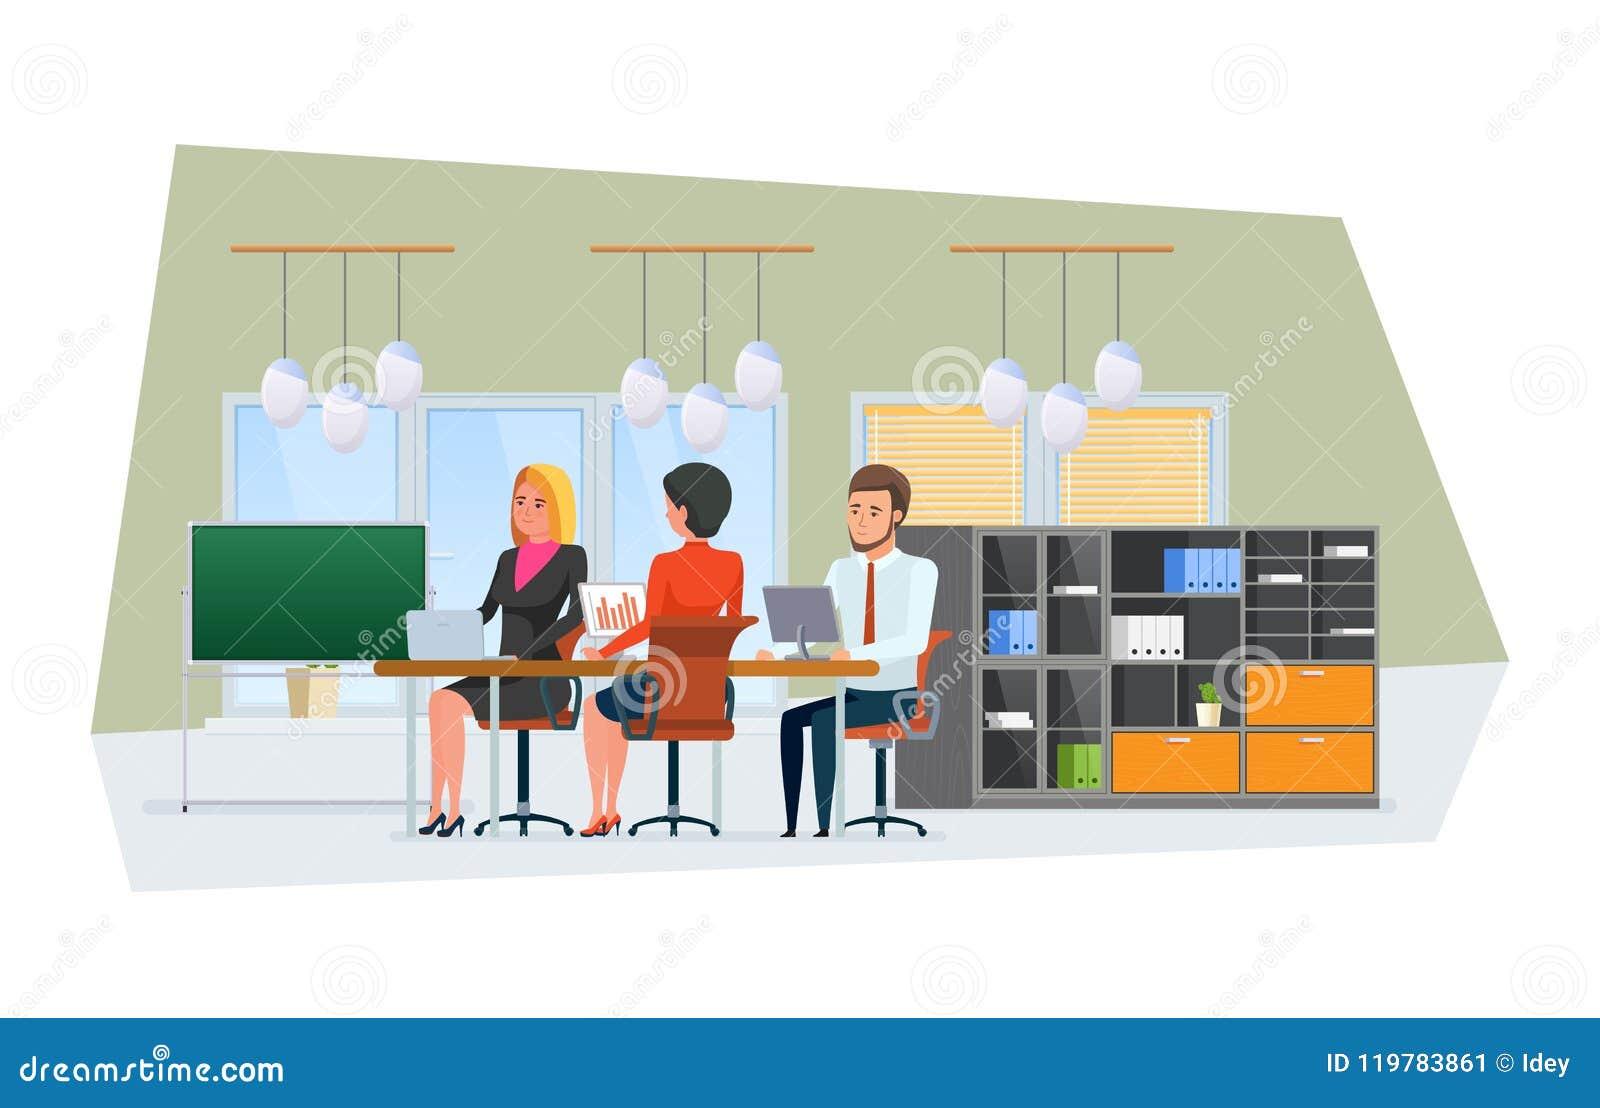 Team, trabalhando colegas, sócios, trabalhos de equipa O espaço de escritórios interior com mobília